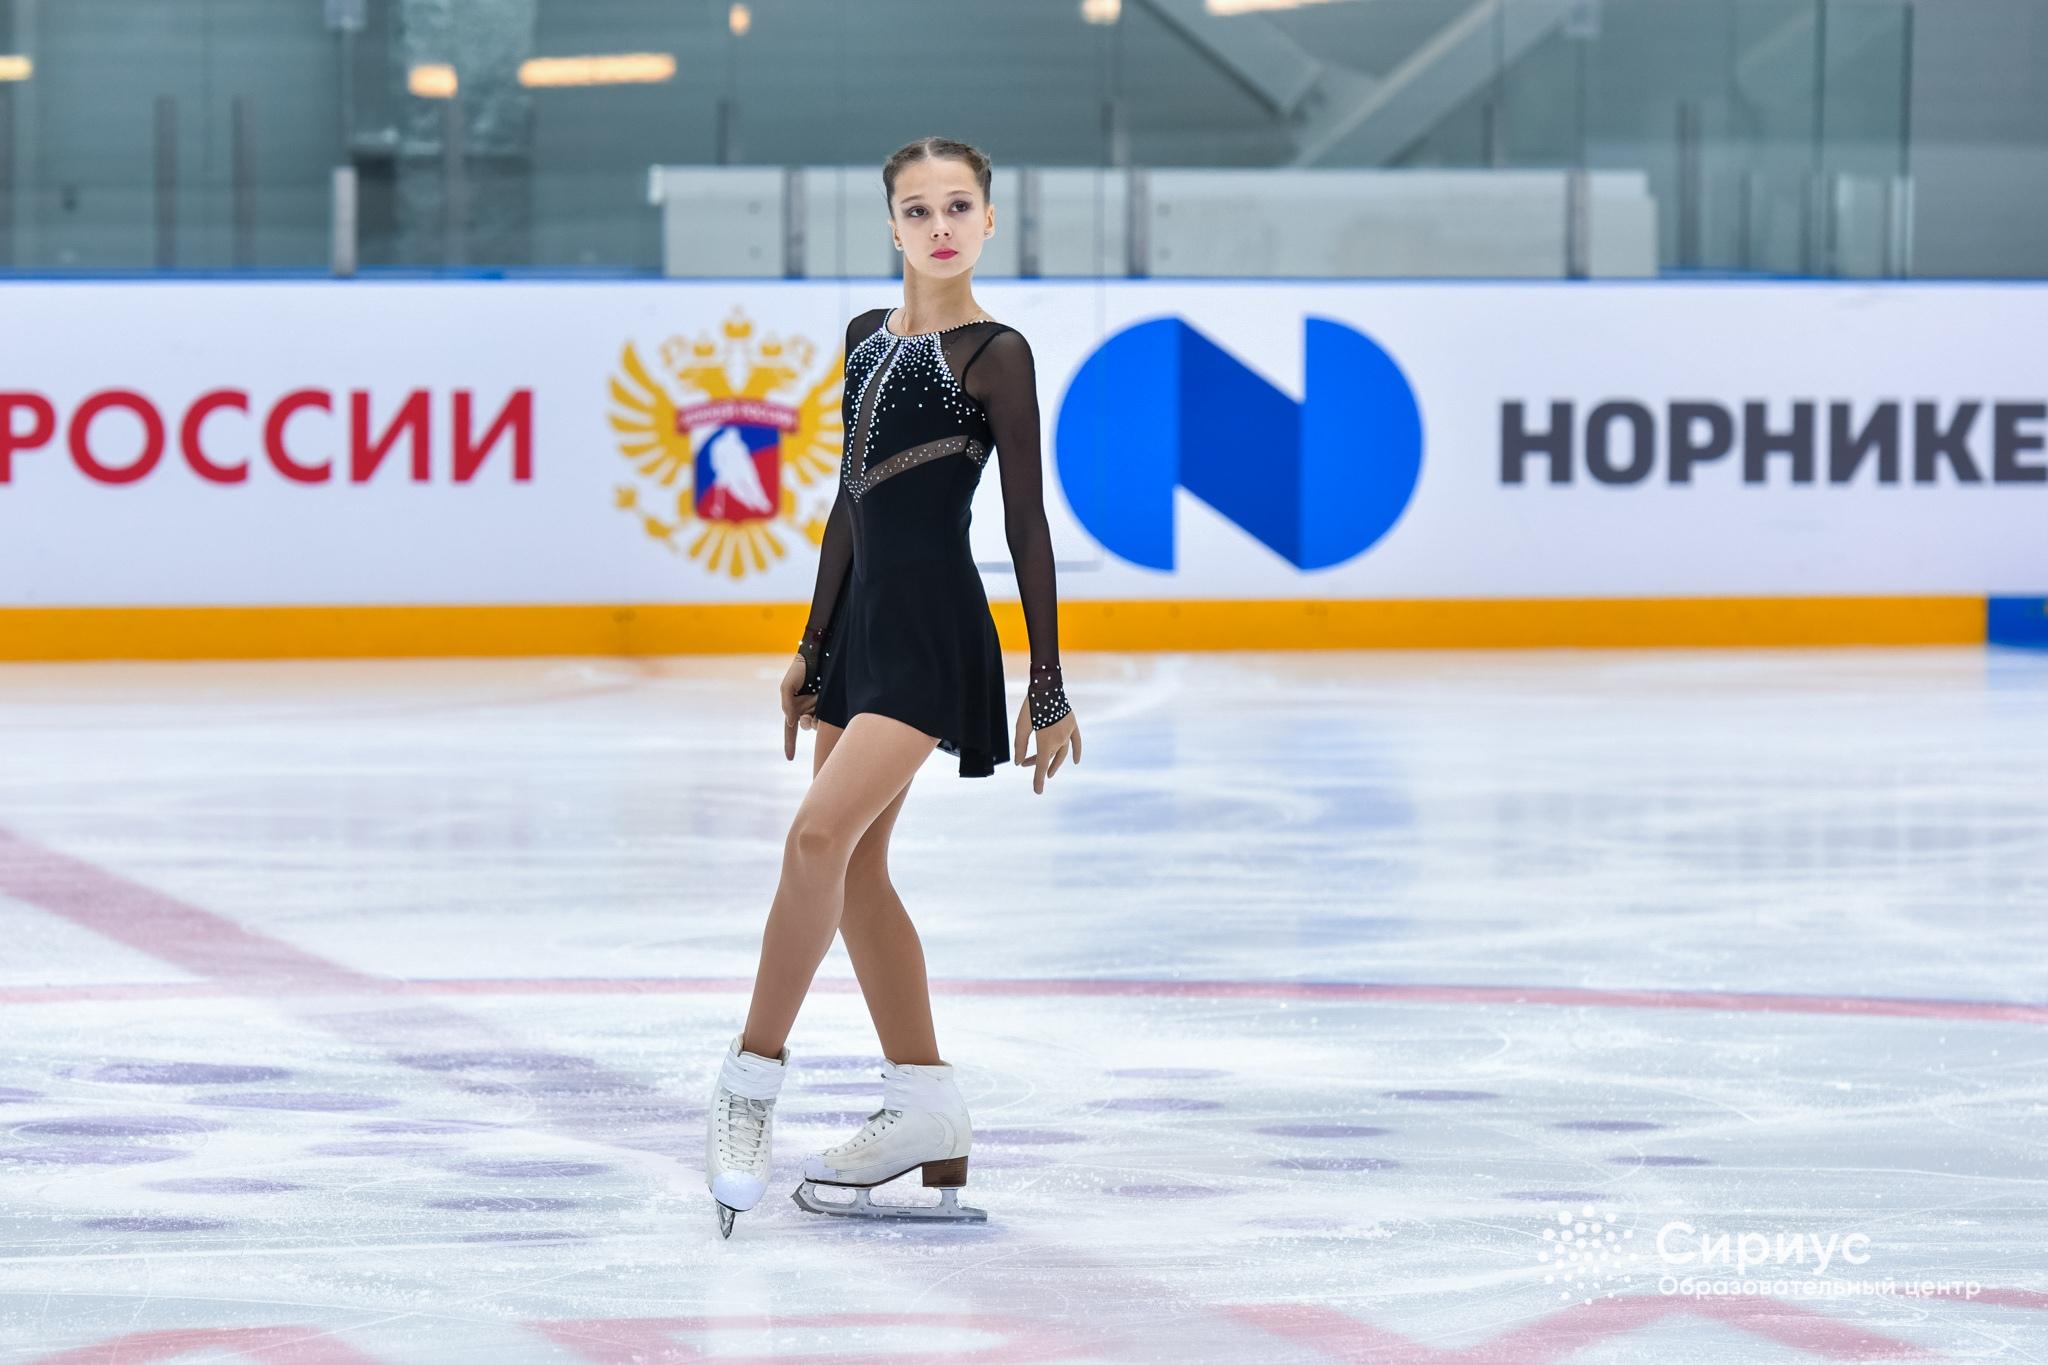 JGP - 4 этап. 11.09 - 14.09 Челябинск, Россия   ZNTZB243ZqY